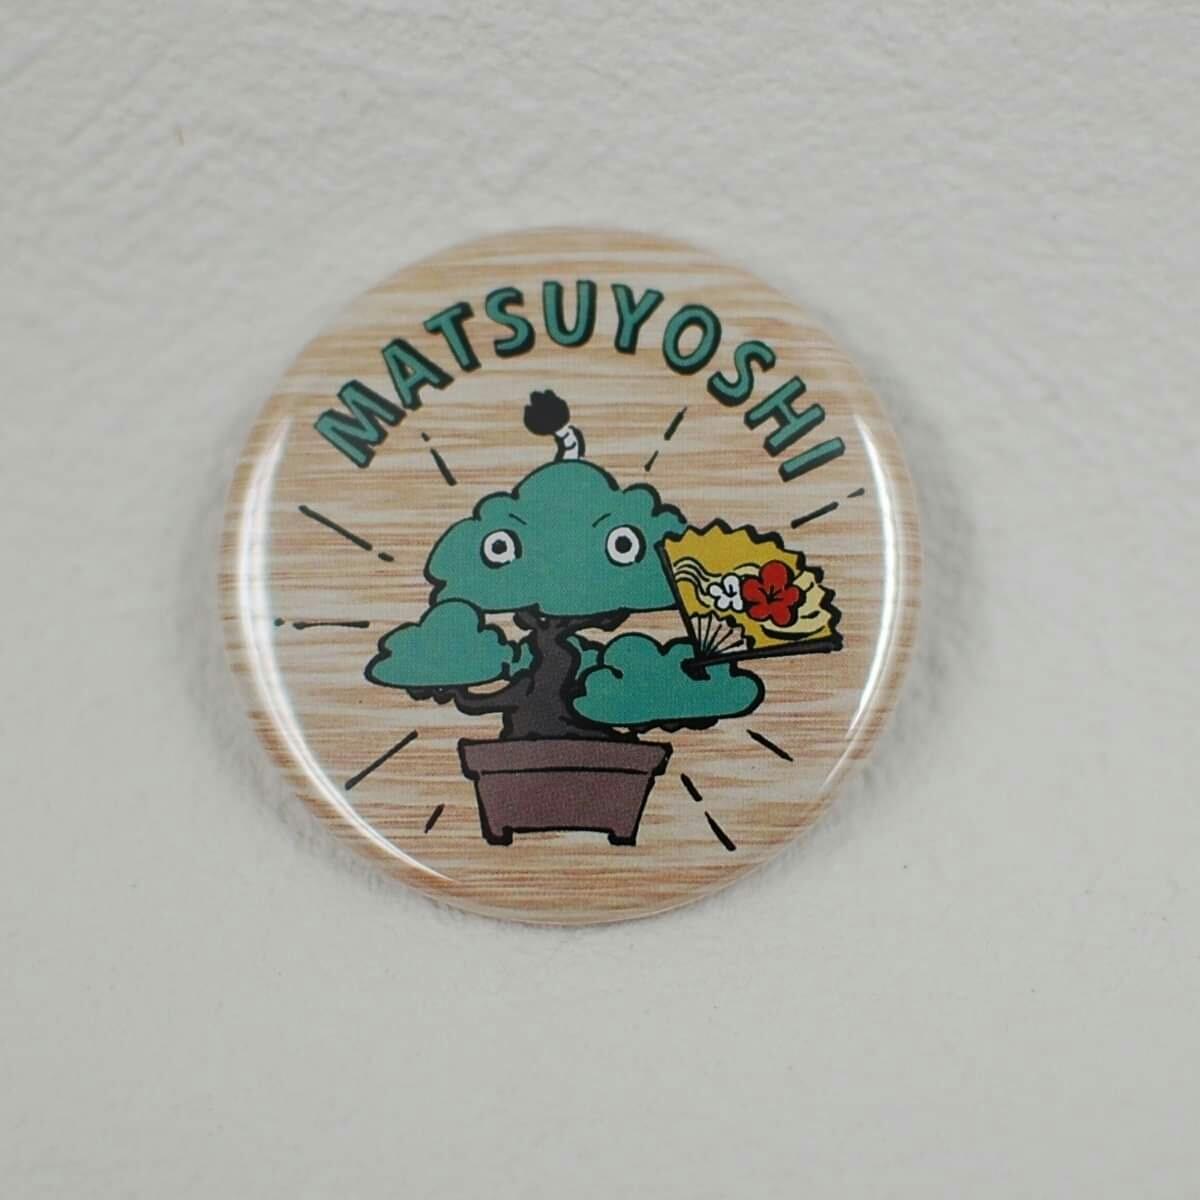 ミニ盆栽 黒松 小品盆栽「まっちゃん」缶バッジ 44mm 松慶盆栽園オリジナルキャラクターです。_画像5